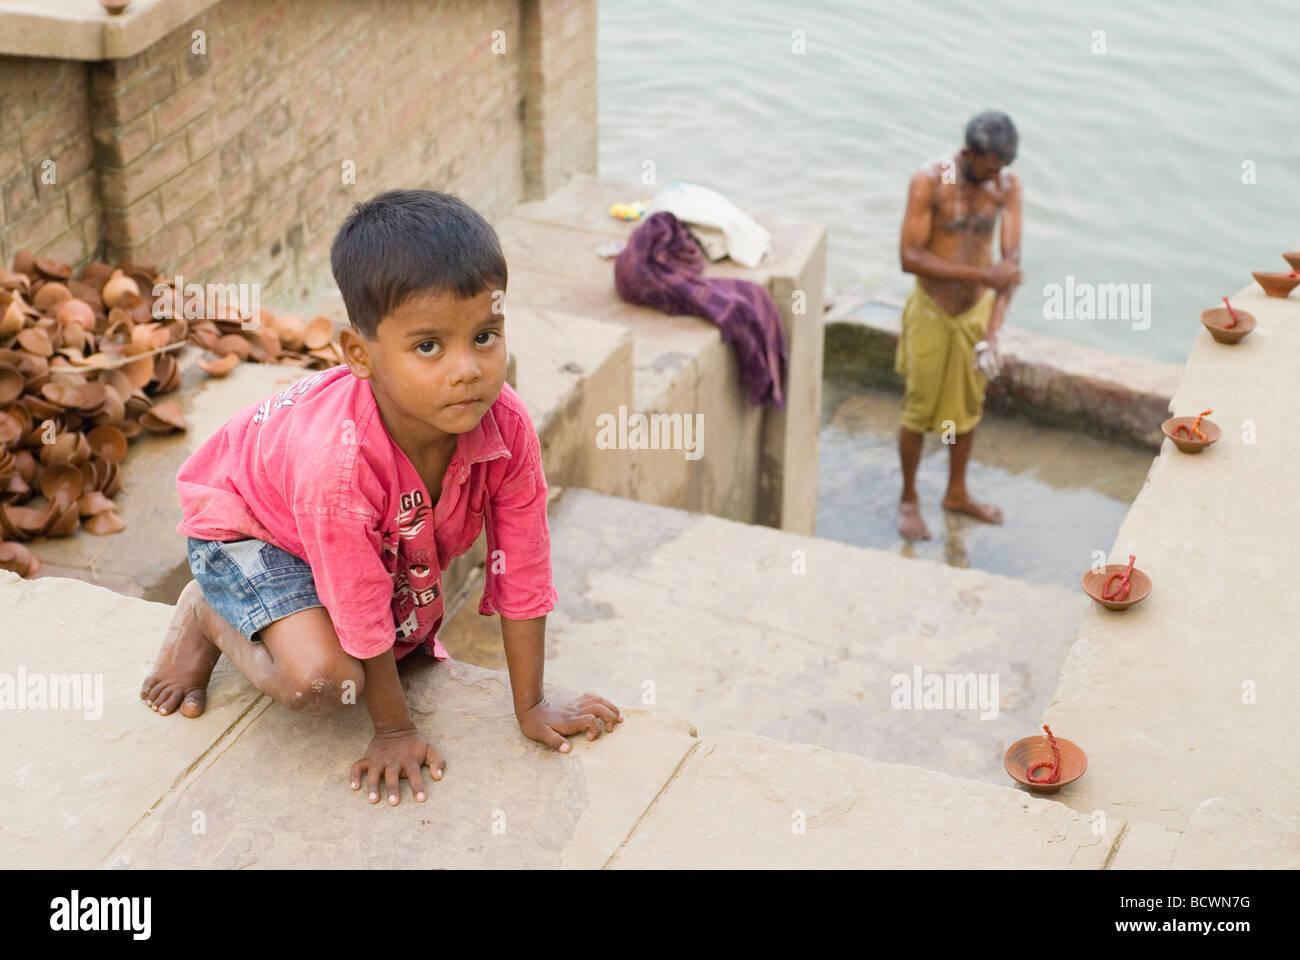 Un niño pequeño y un hombre durante la preparación para el festival de Diwali. Varanasi, India. Imagen De Stock